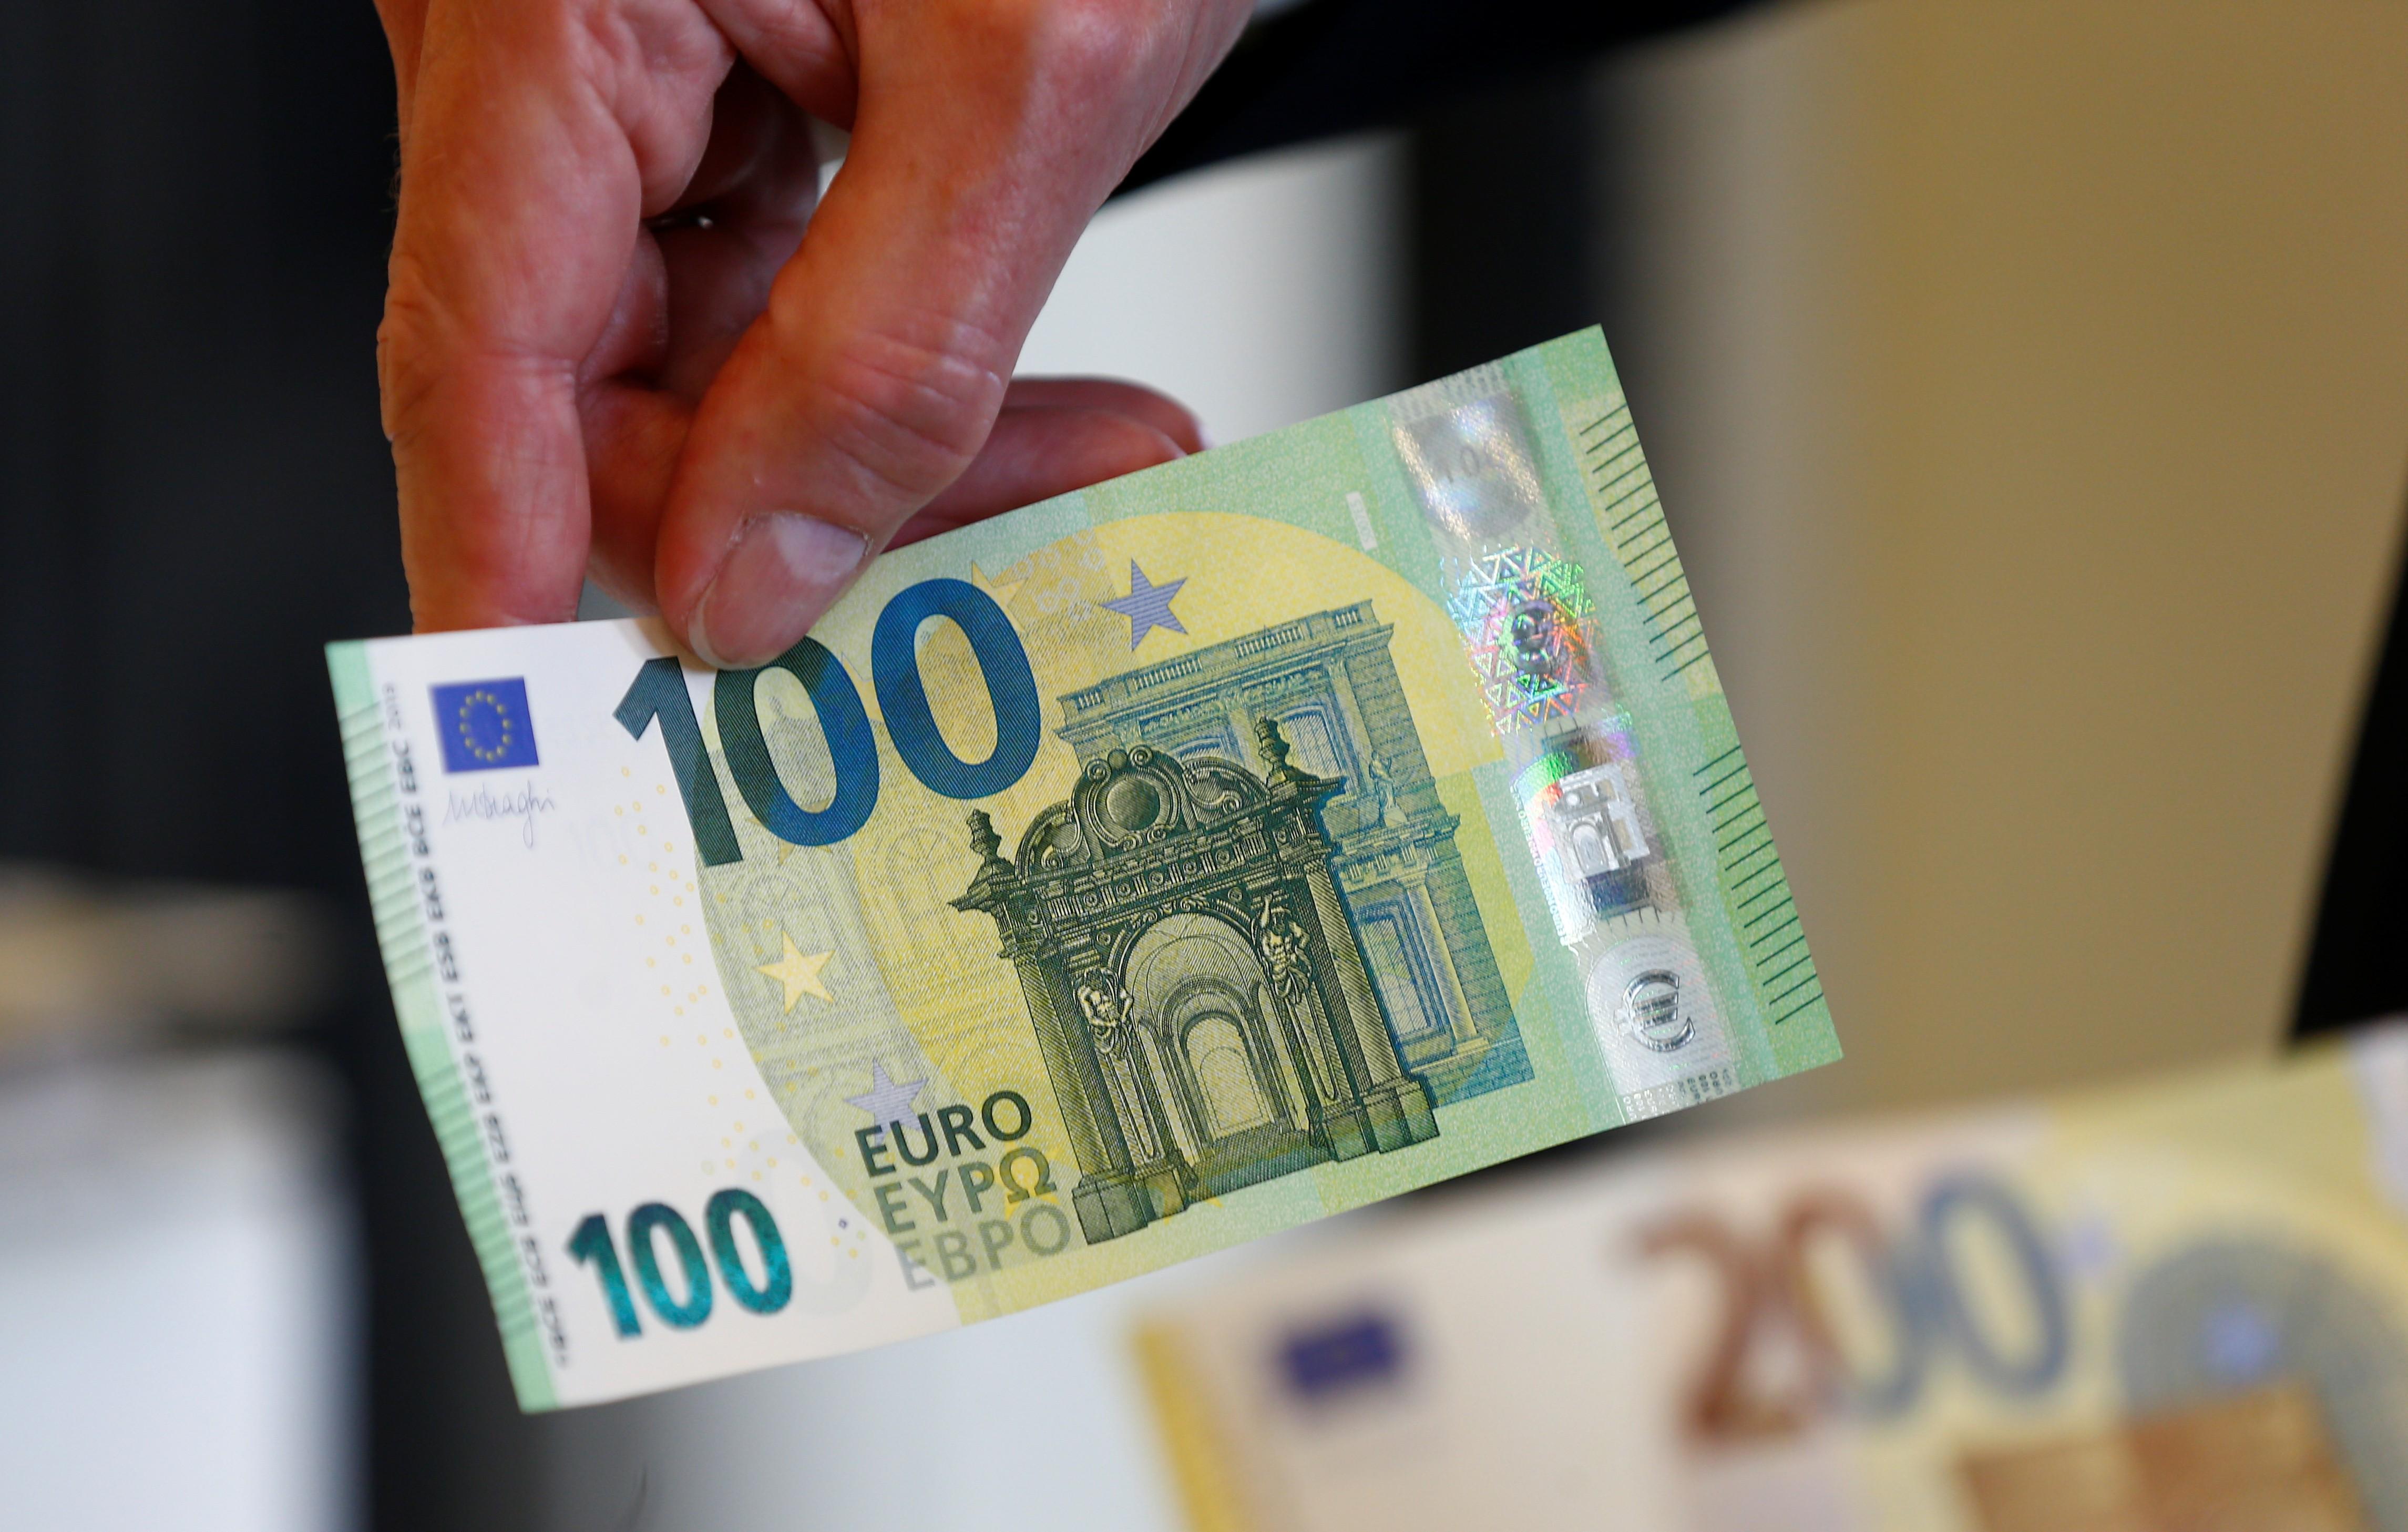 Inflação na zona do euro em agosto é confirmada no nível mais baixo em quase 3 anos - Notícias - Plantão Diário